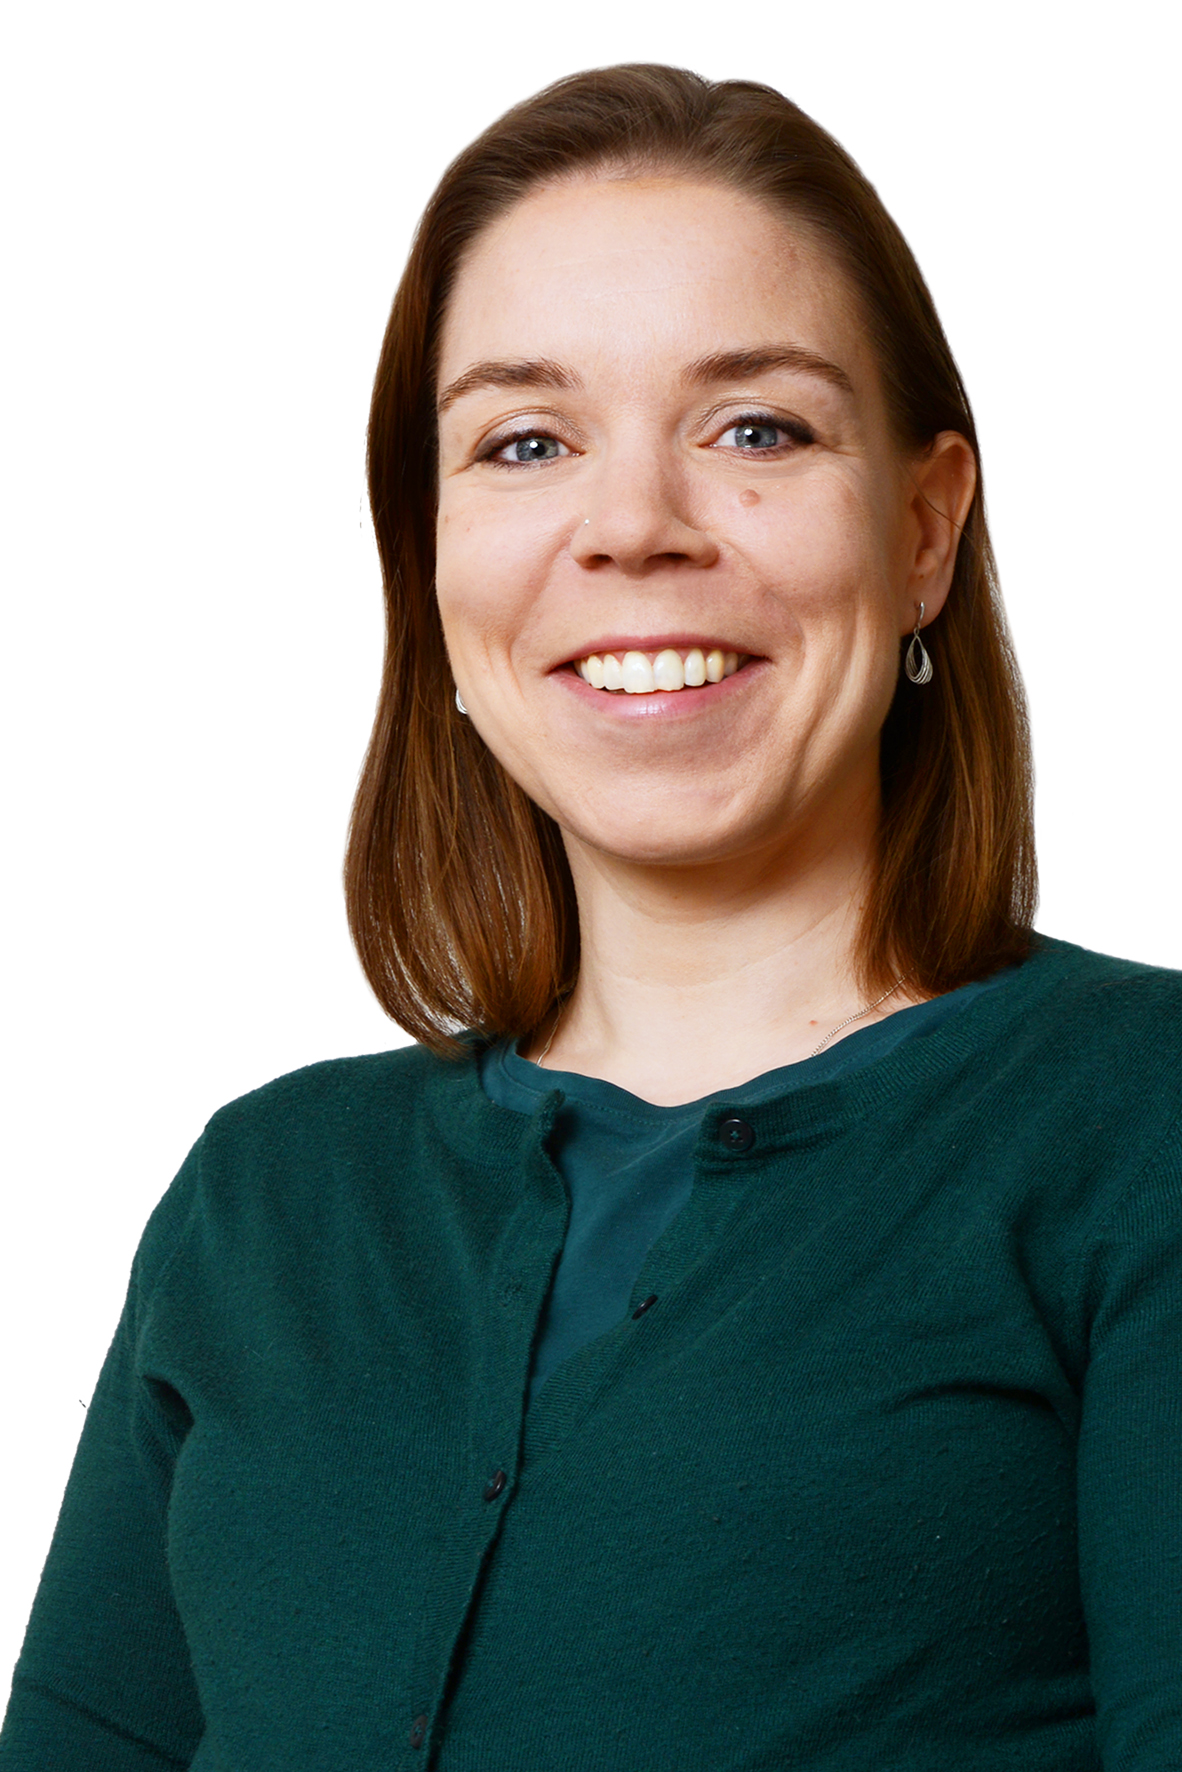 Tiina Ahlfors